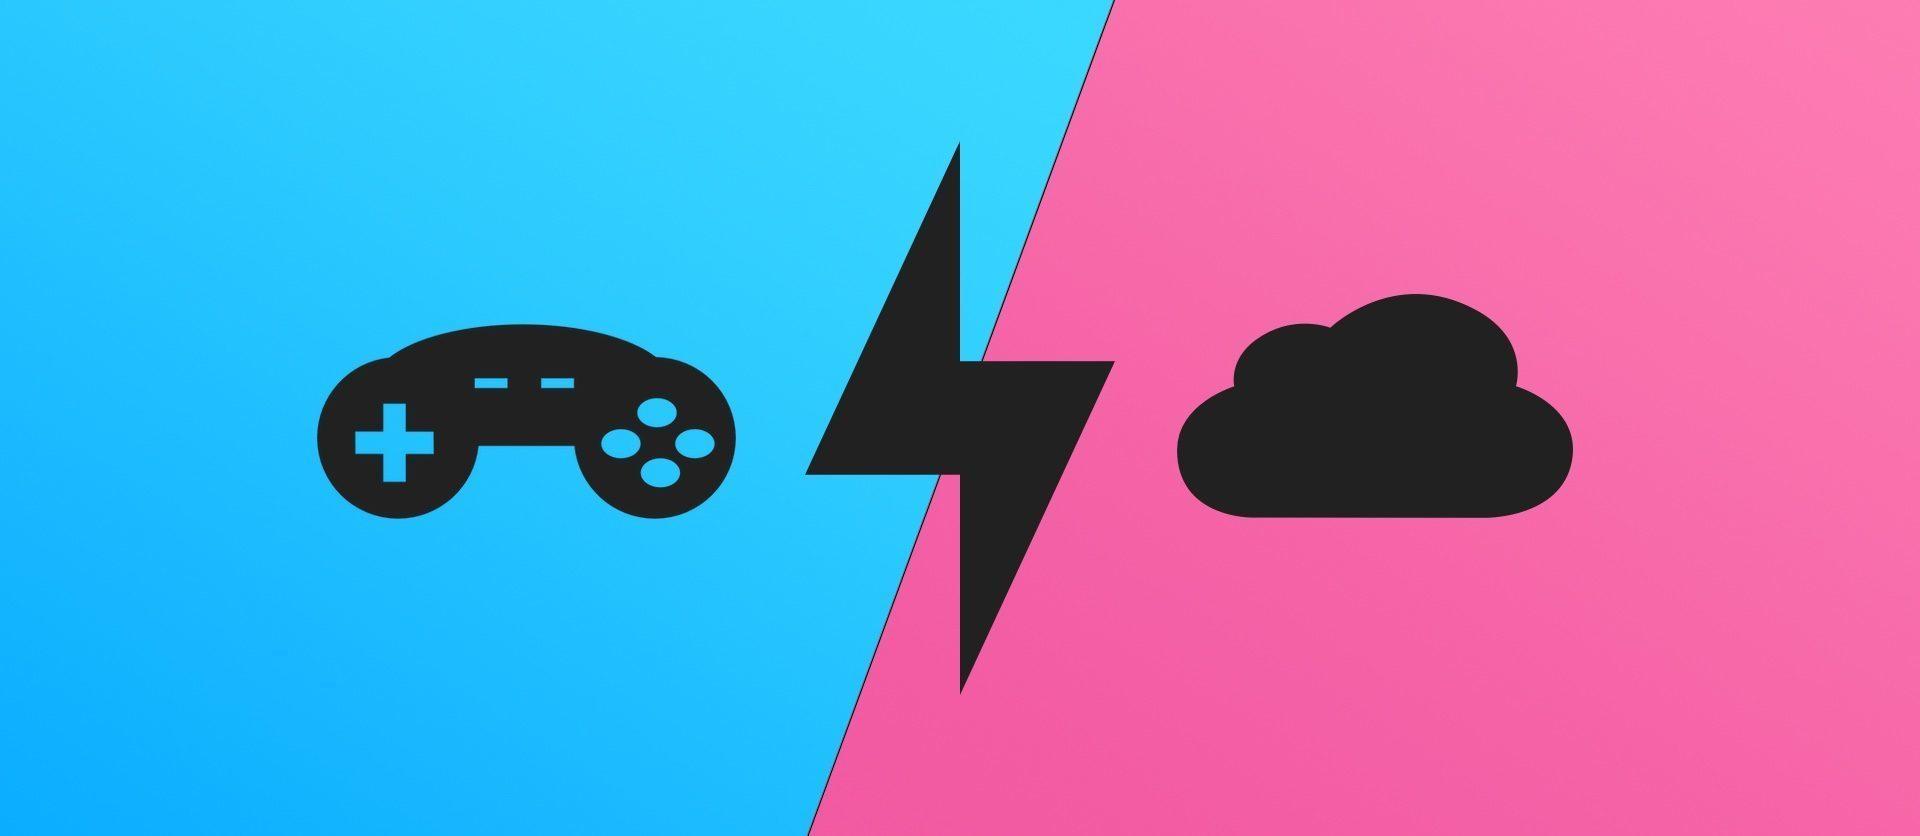 PlayStation 5 vs Google Stadia